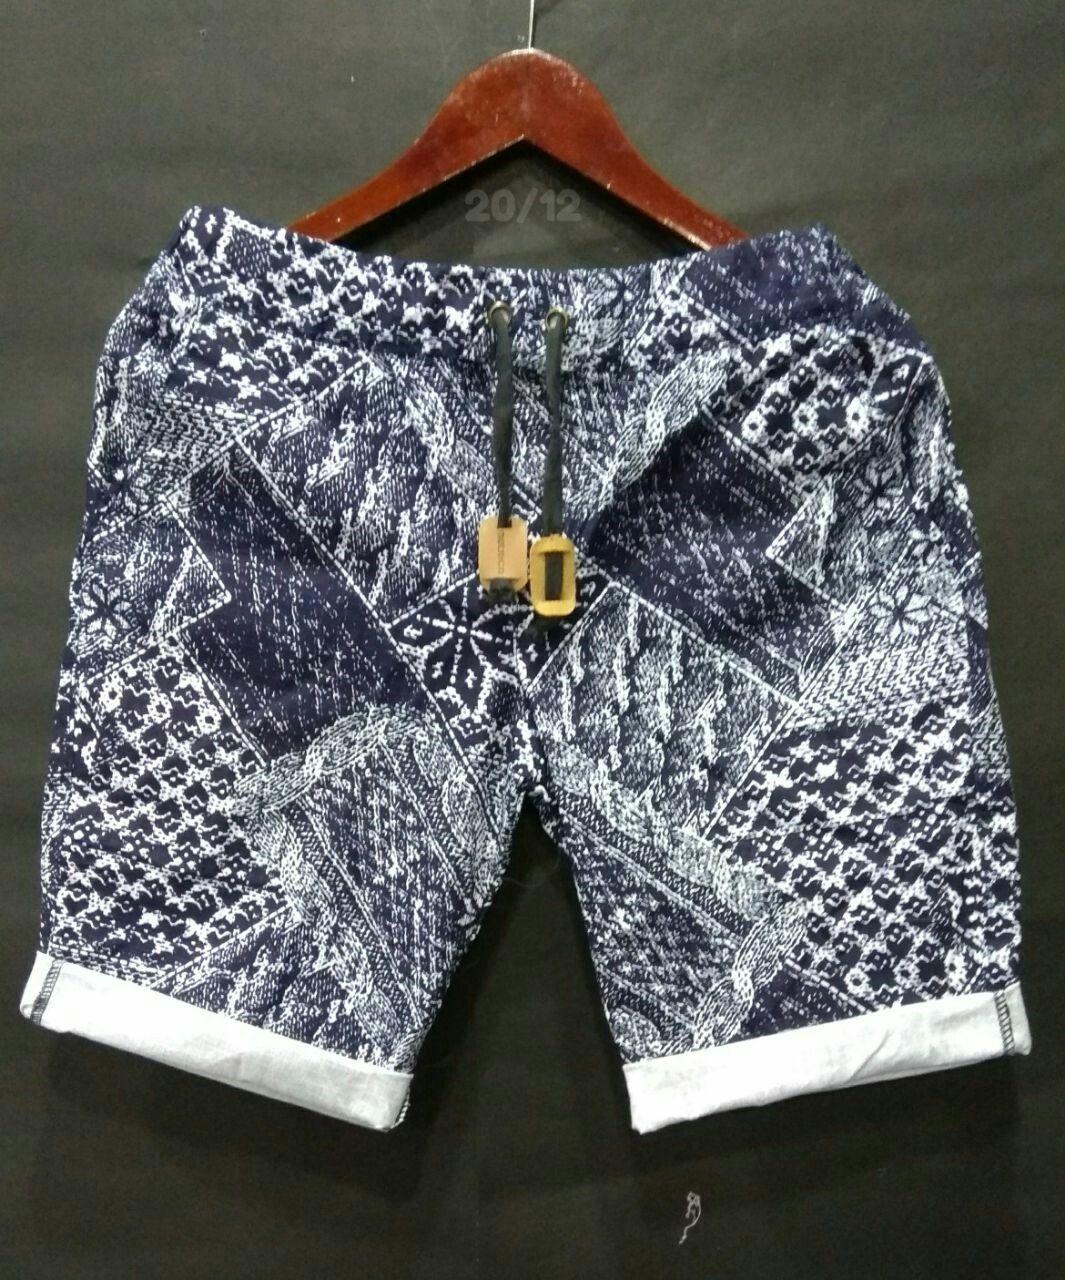 Celana Pendek Pria Distro Murah Dengan Model Celana Terbaru  18d75f4599